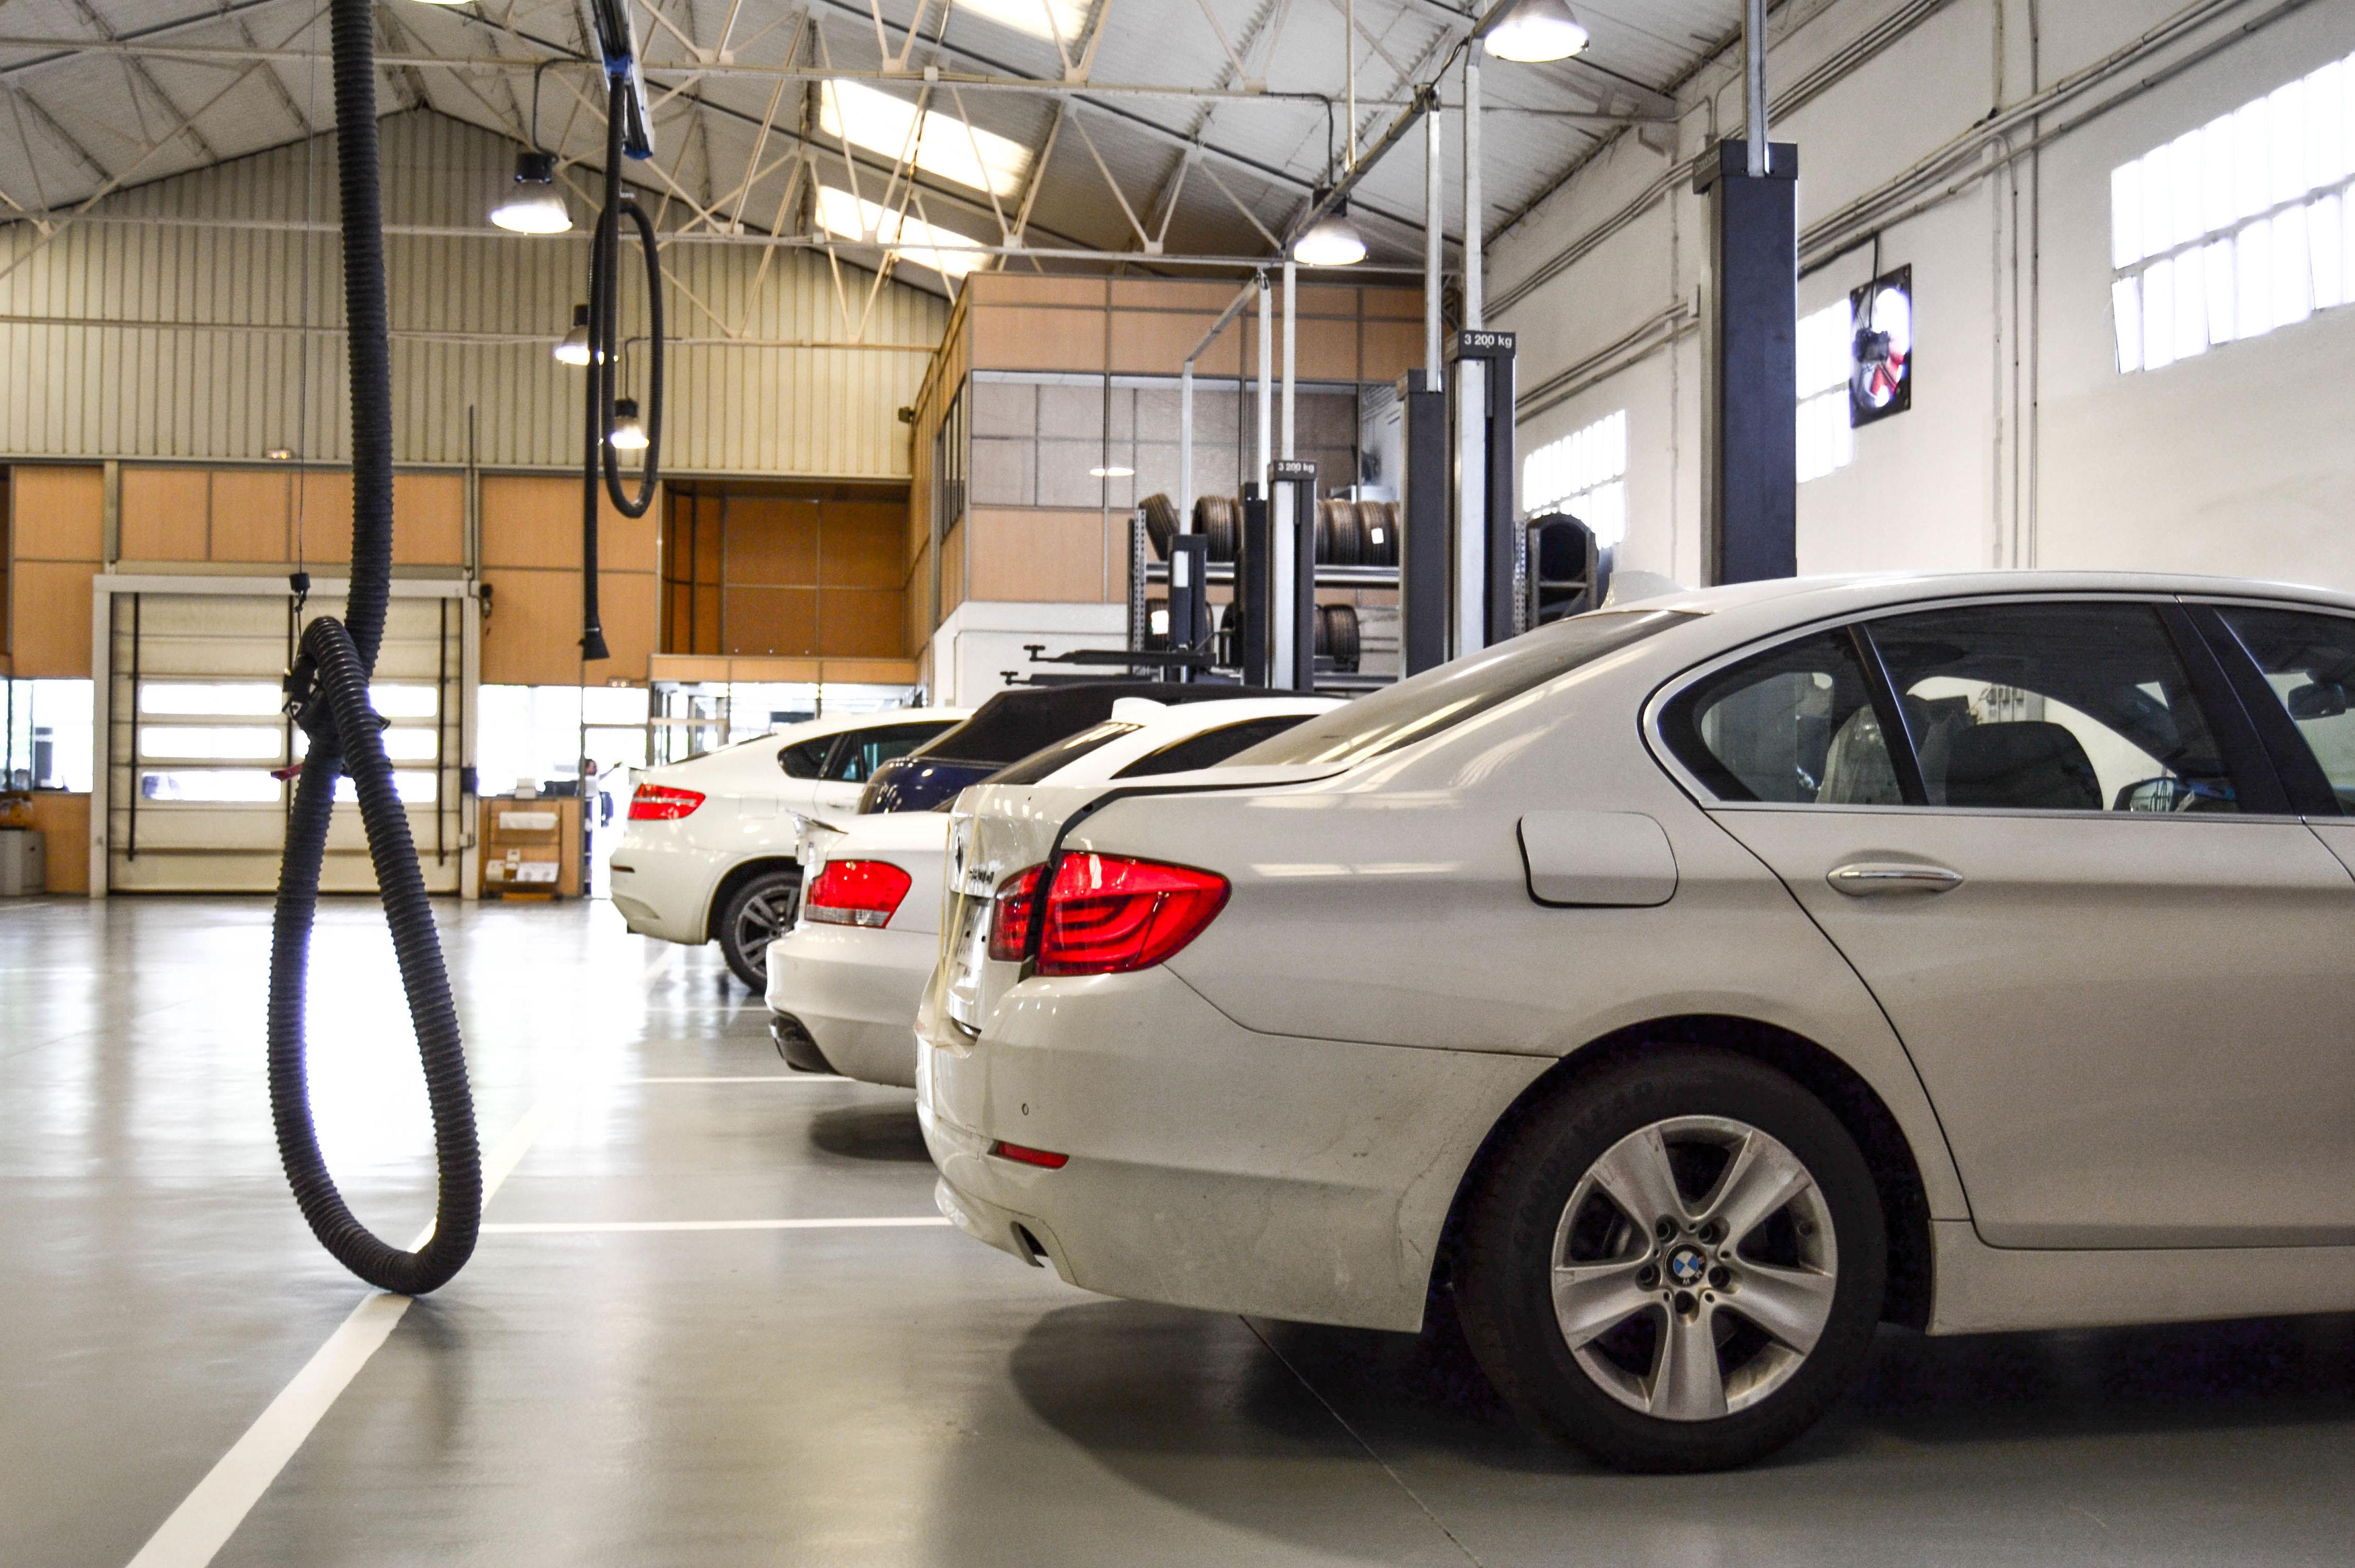 Foto 10 de Talleres de automóviles en Paterna | Spamóvil Servicio Oficial BMW-MINI